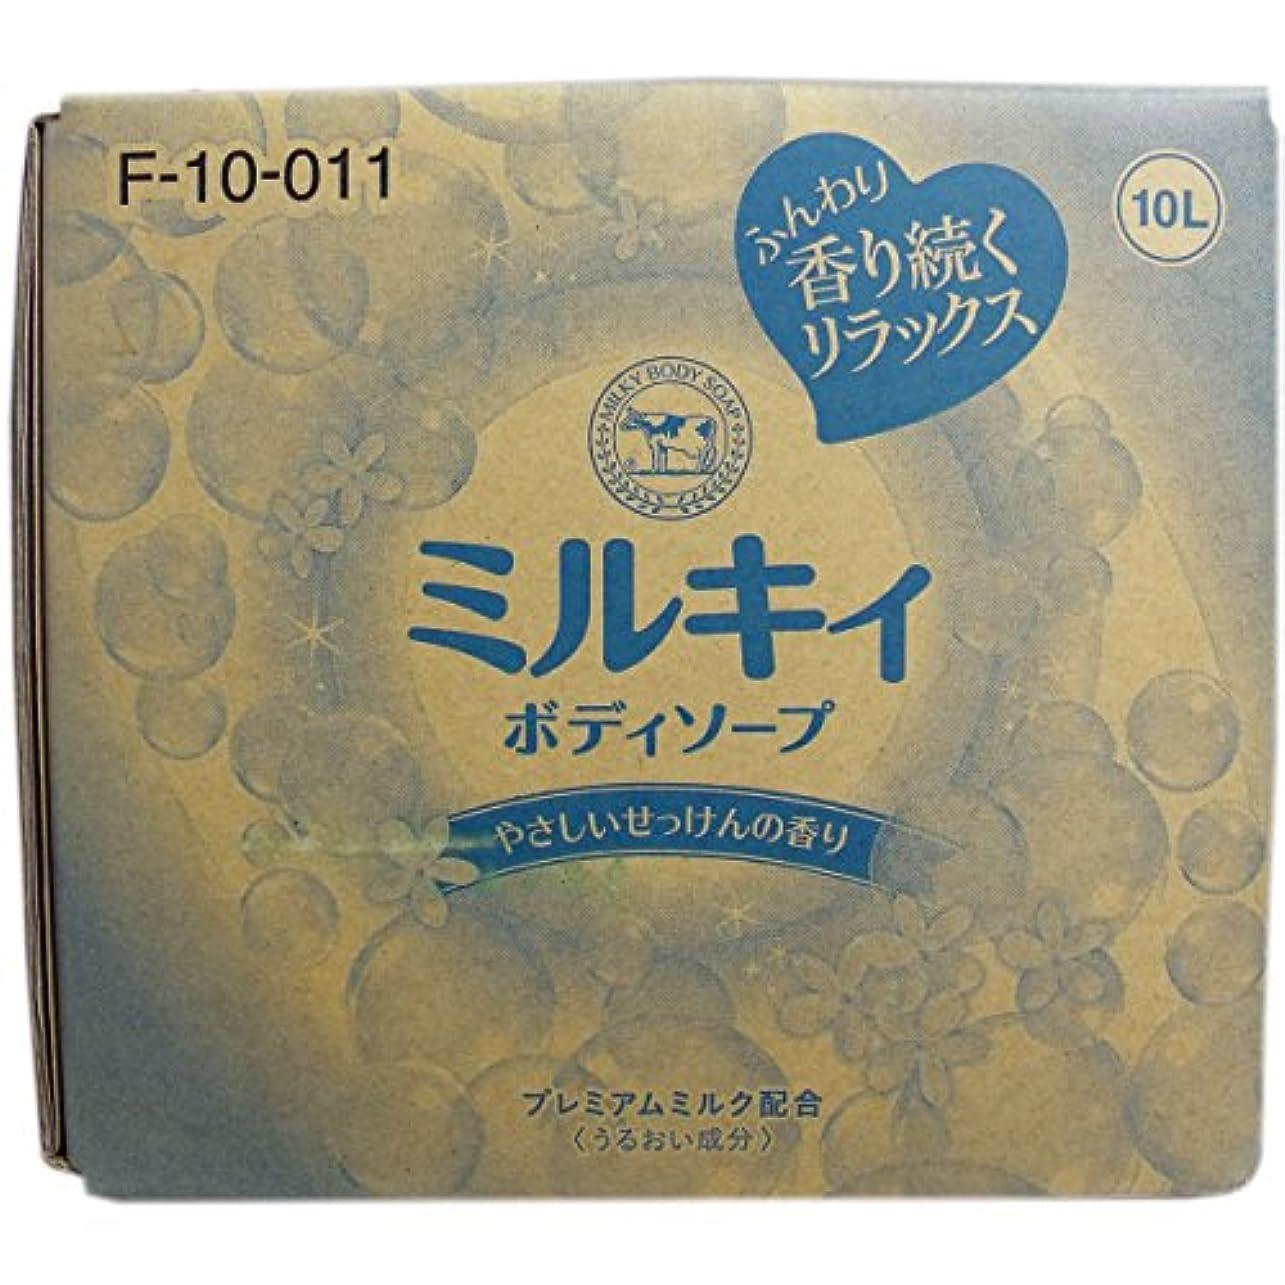 リム略奪なるミルキィ ボディソープ やさしいせっけんの香り 業務用 10L